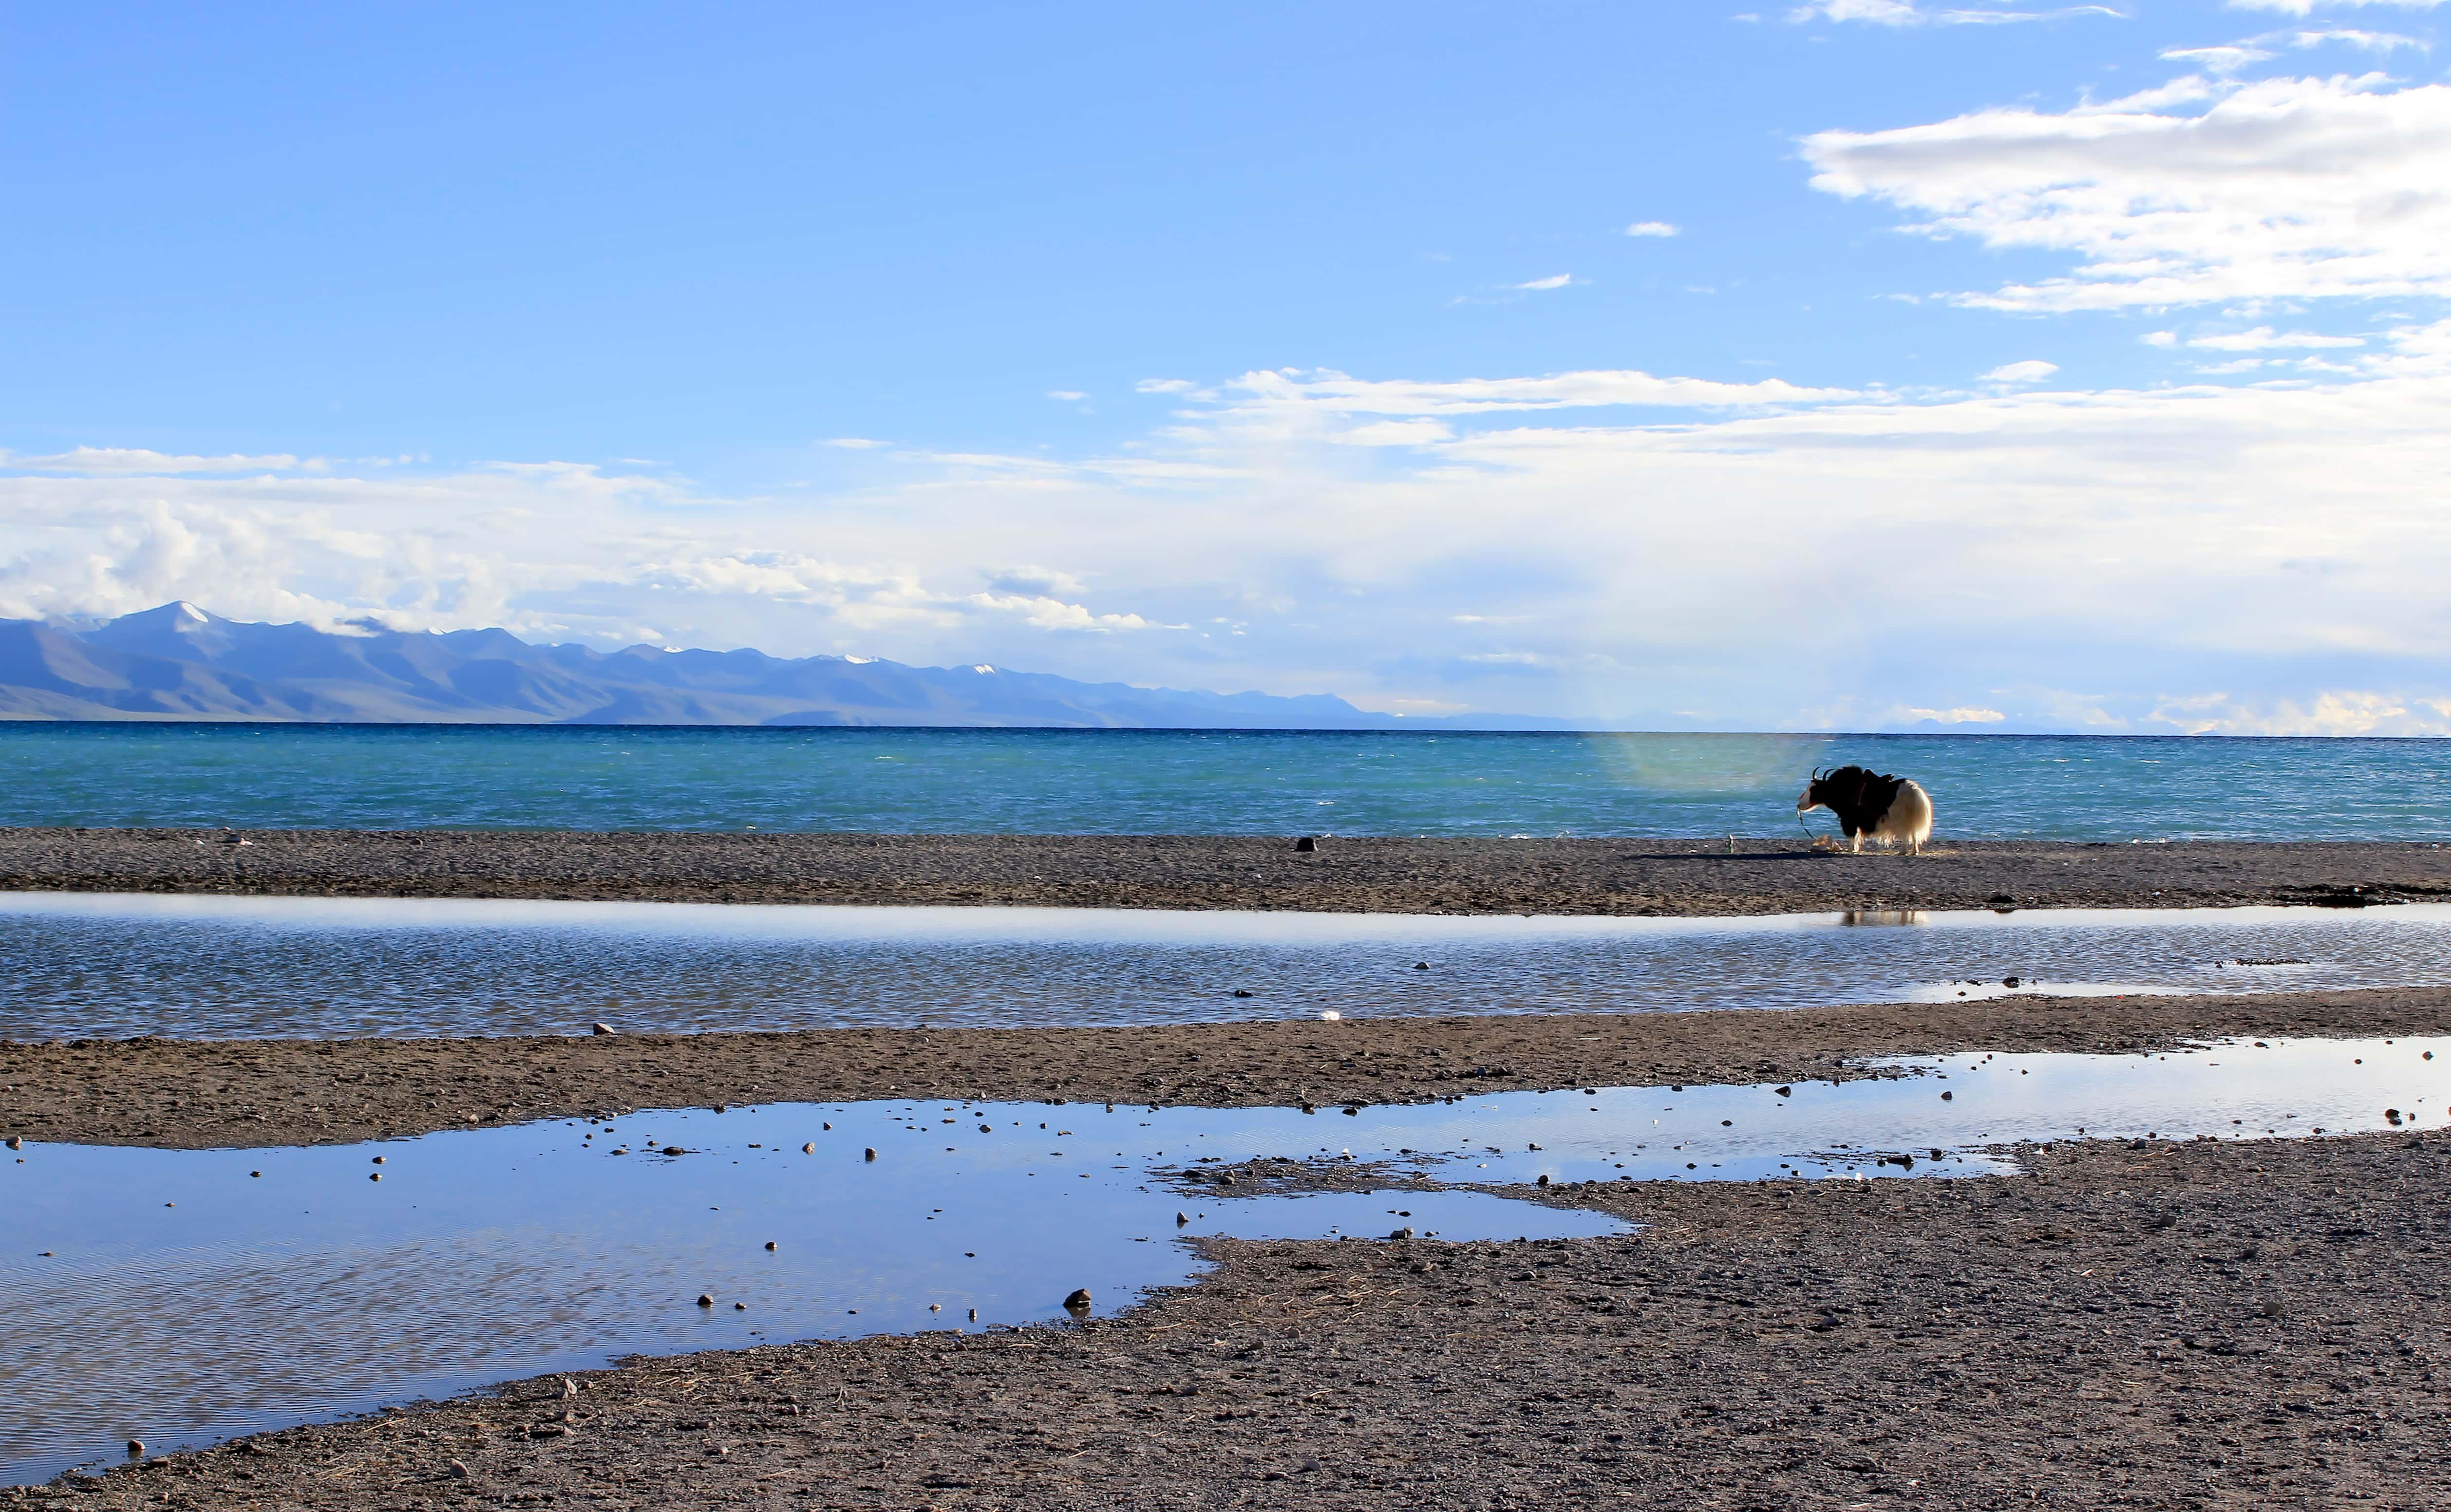 White yak at the Namtso lake in Tibet